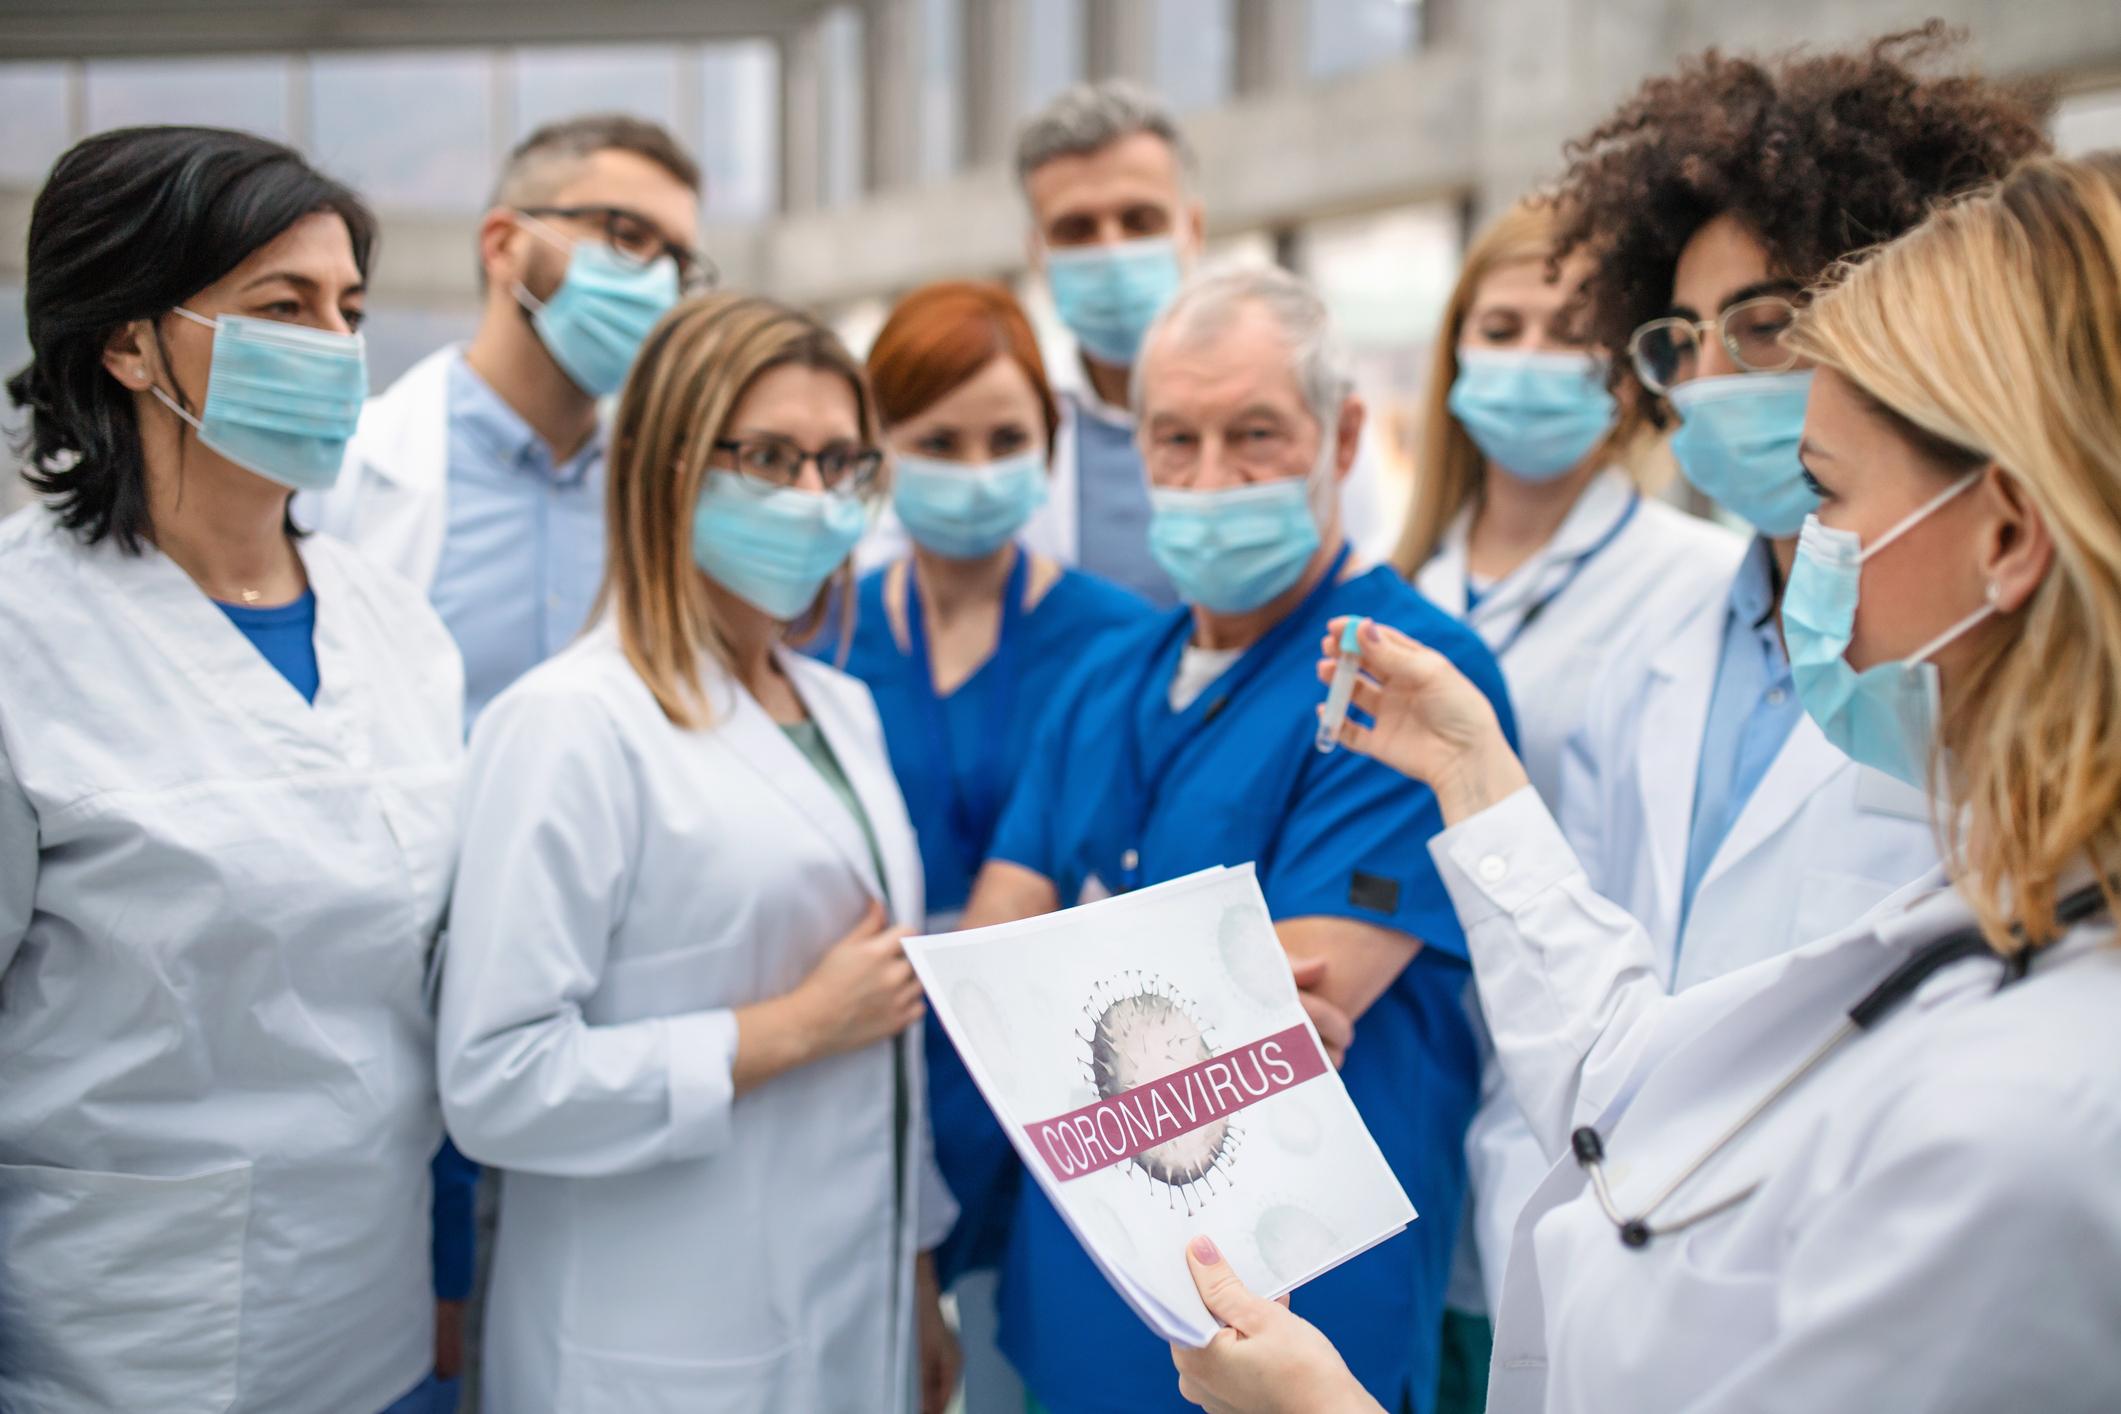 Staff Protocol